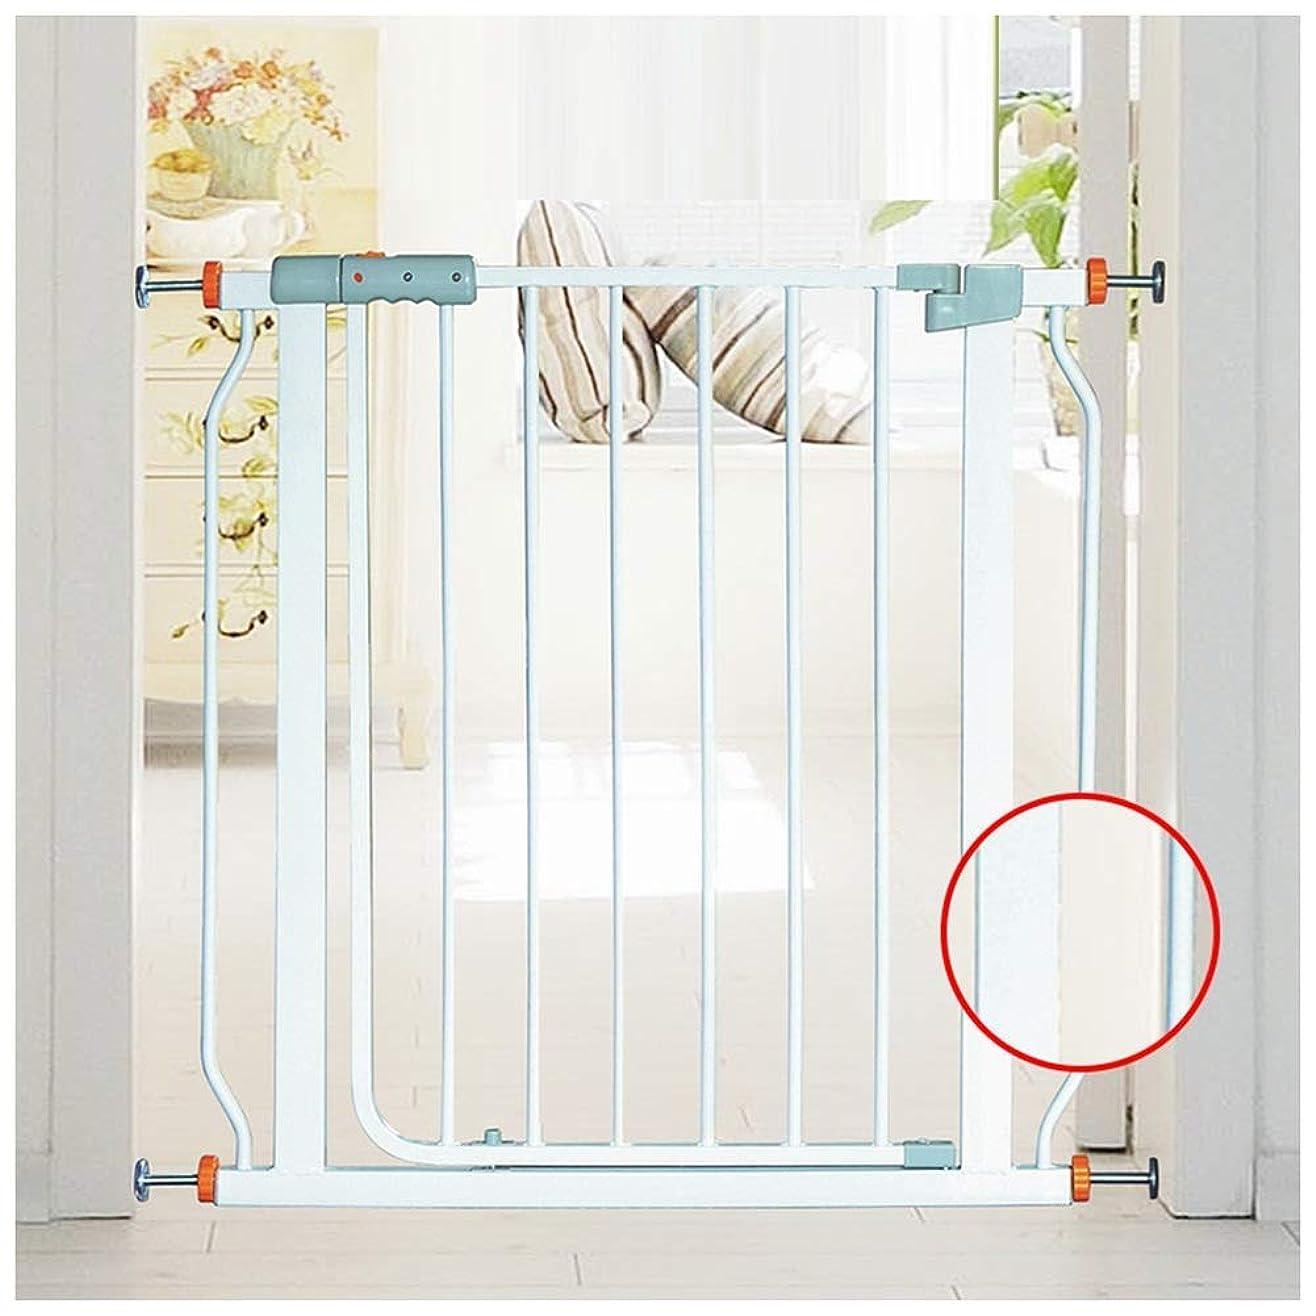 矛盾する推測沈黙赤ちゃんの安全ゲート反力インストールペットの犬の階段ゲート保護壁セキュリティフェンスドア安全分離ドア、マルチサイズ(色:白、サイズ:W 223-230cm)